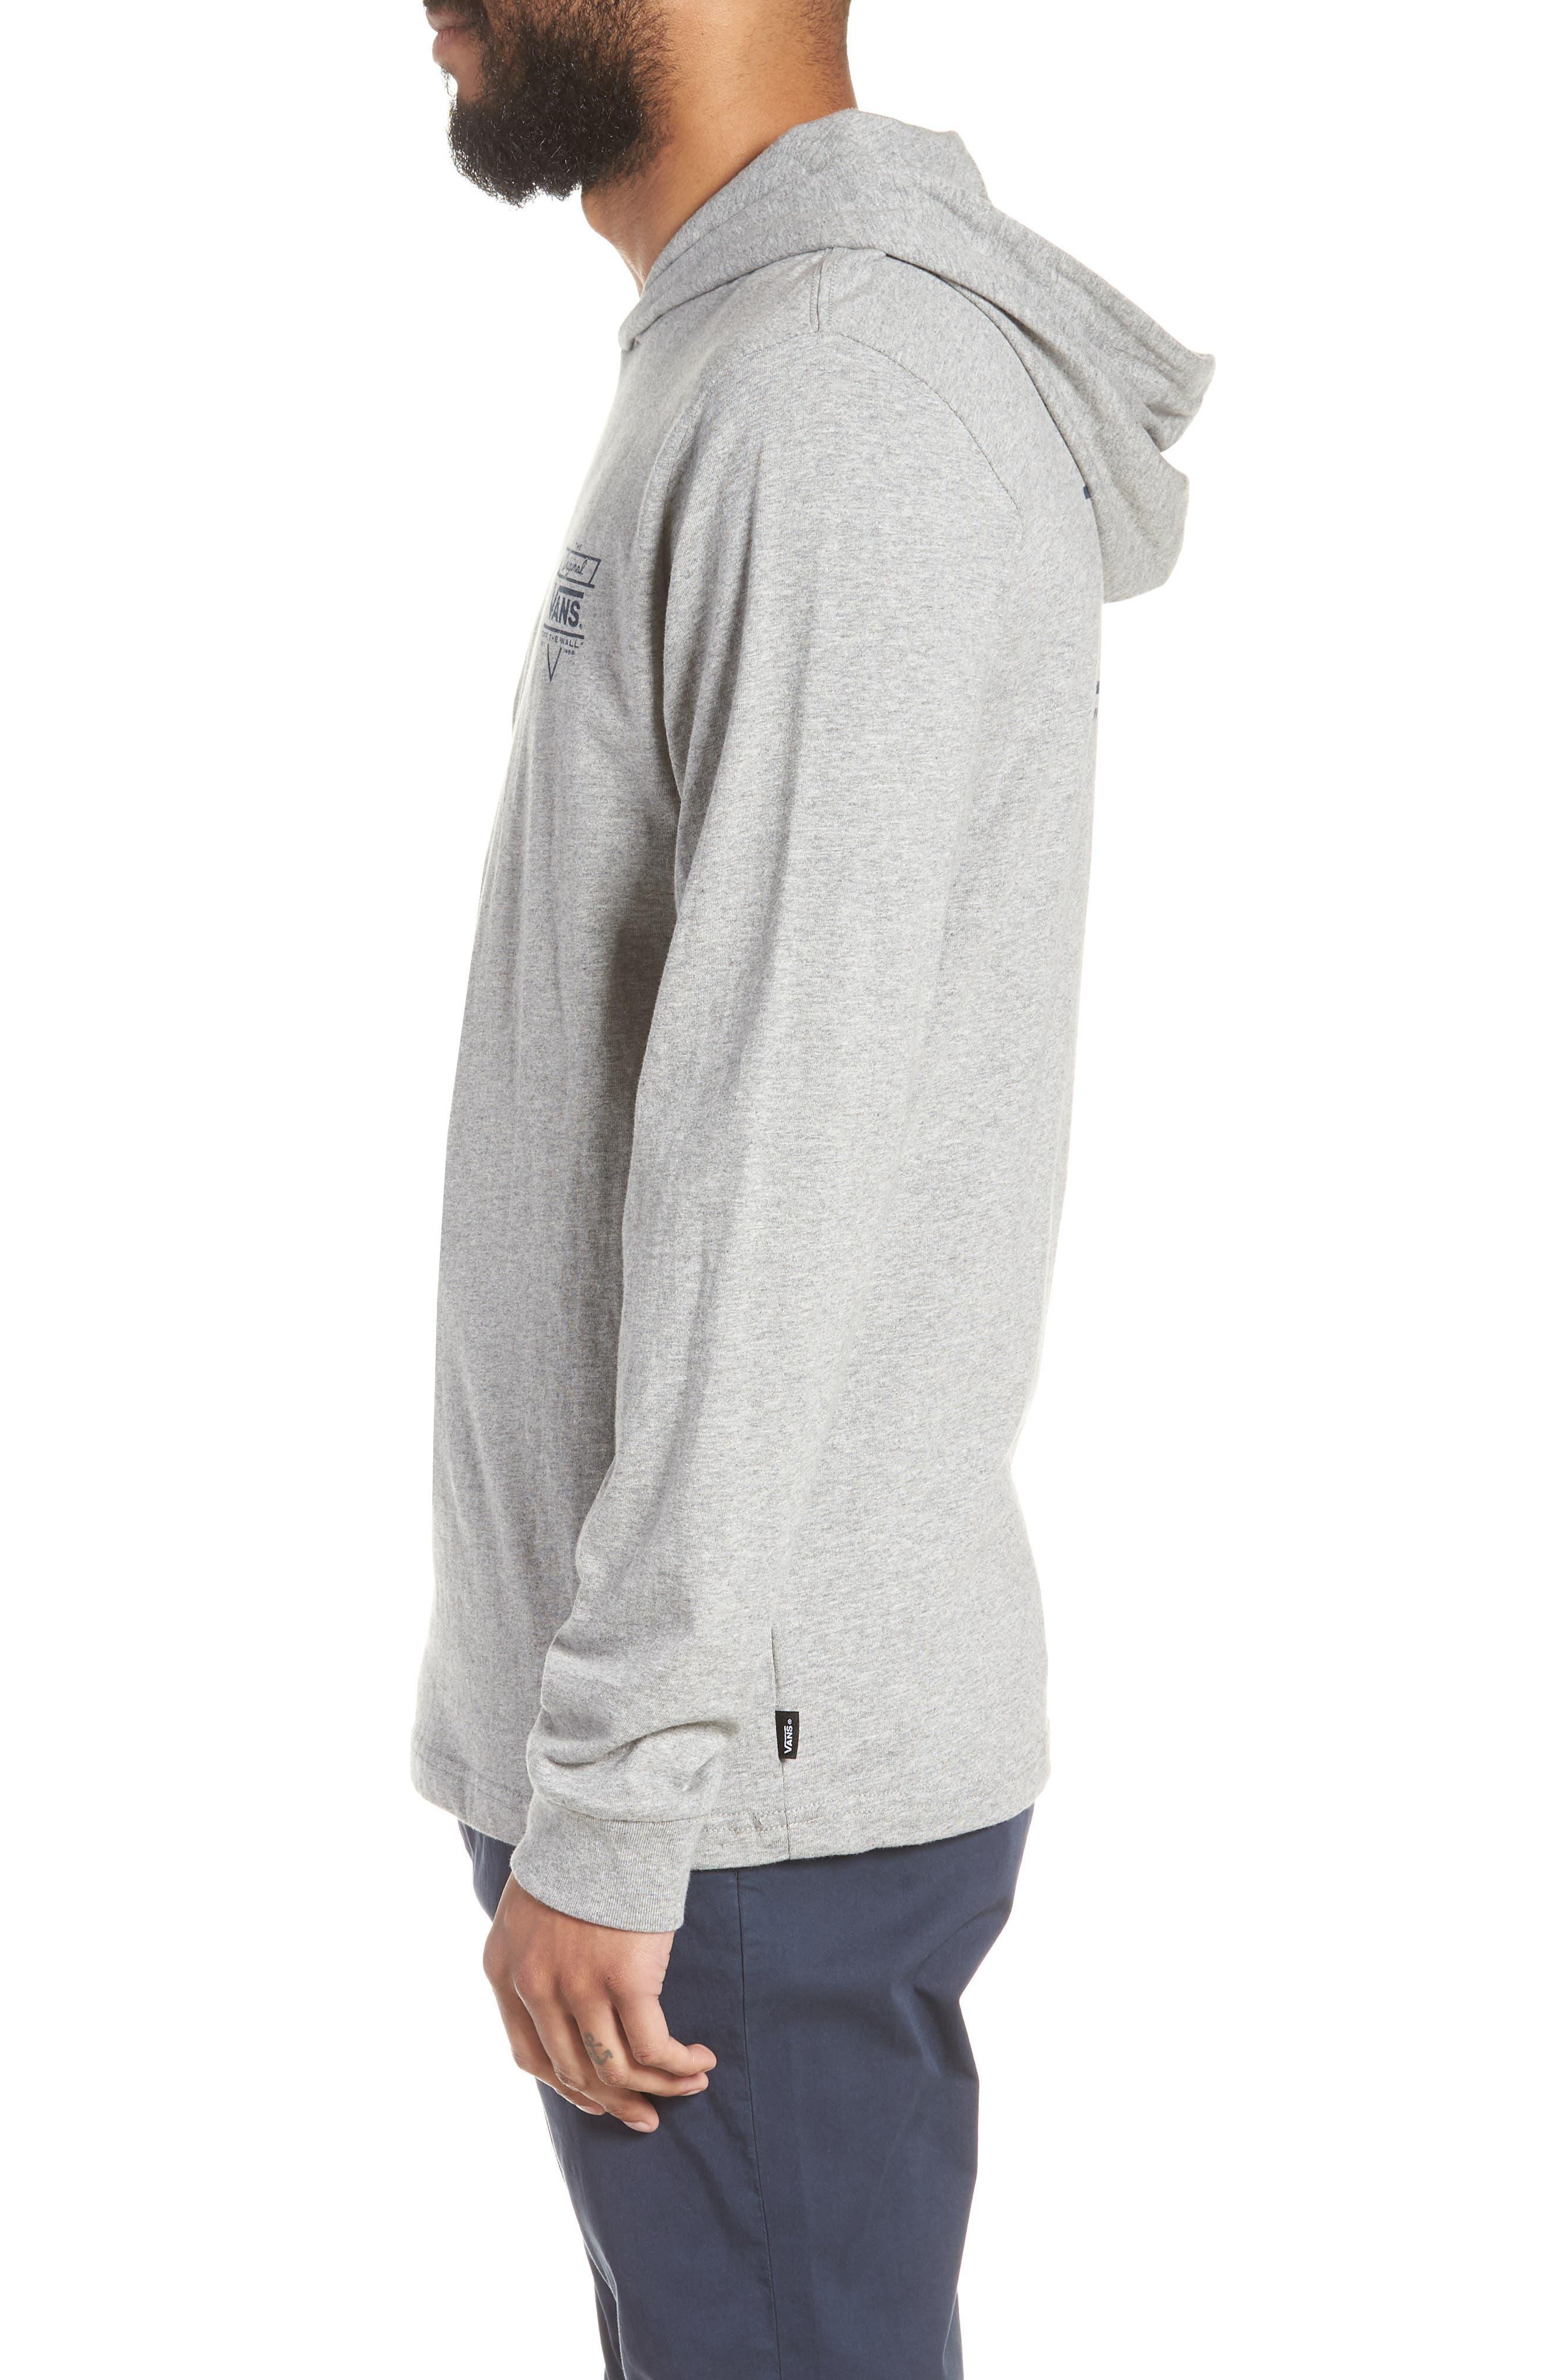 Van Doren Hooded T-Shirt,                             Alternate thumbnail 3, color,                             030